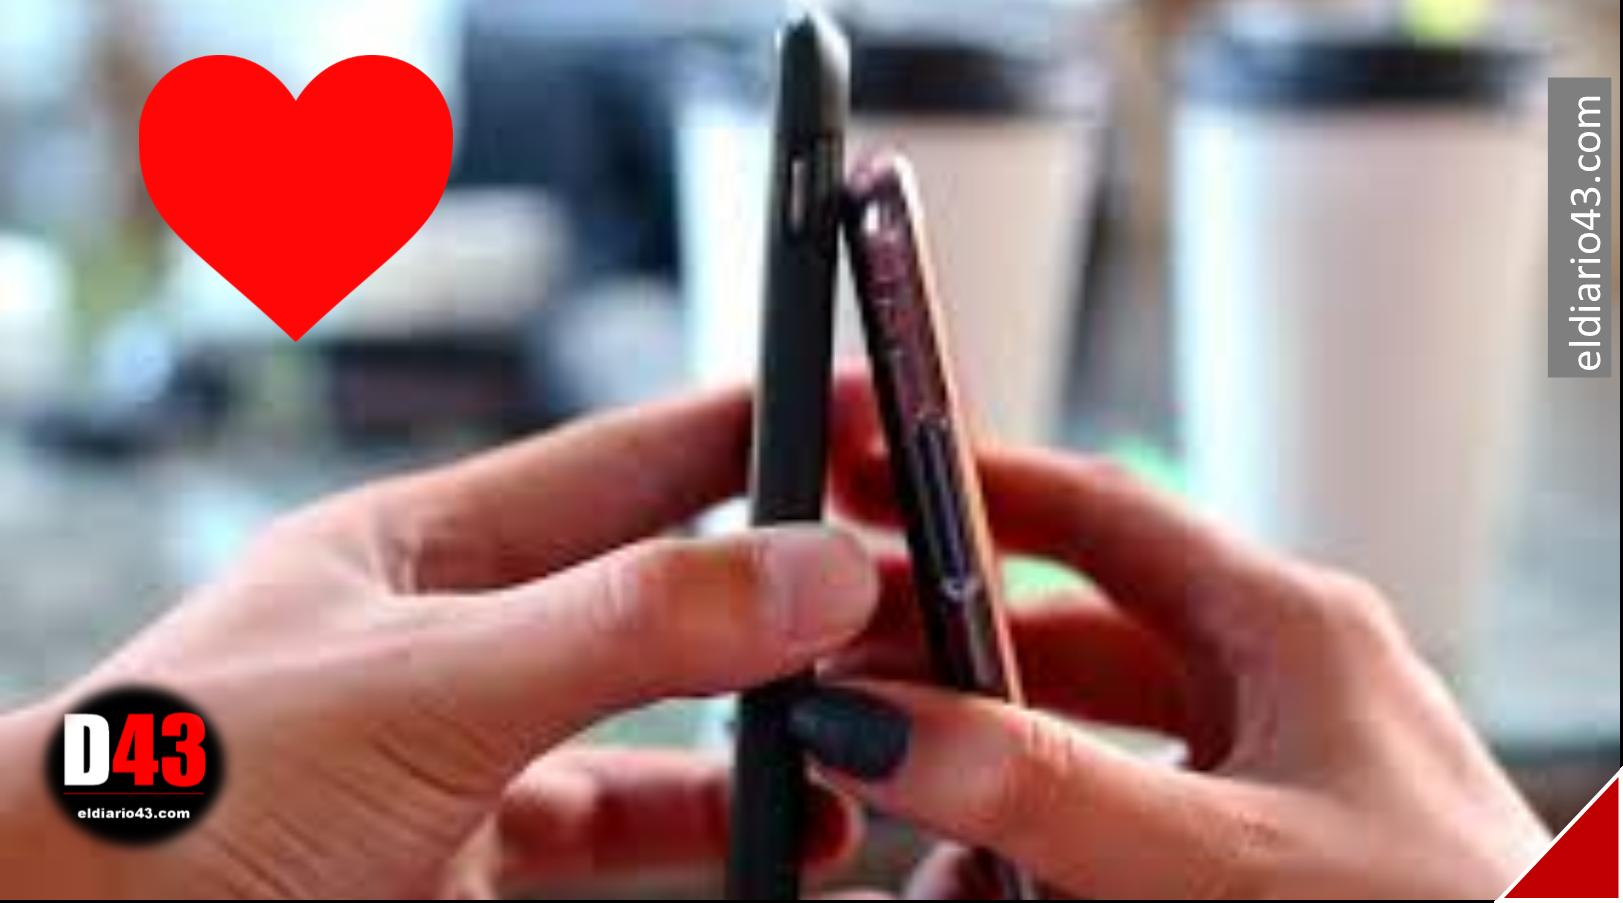 Casi el 40% de las parejas se conoce a través de Internet